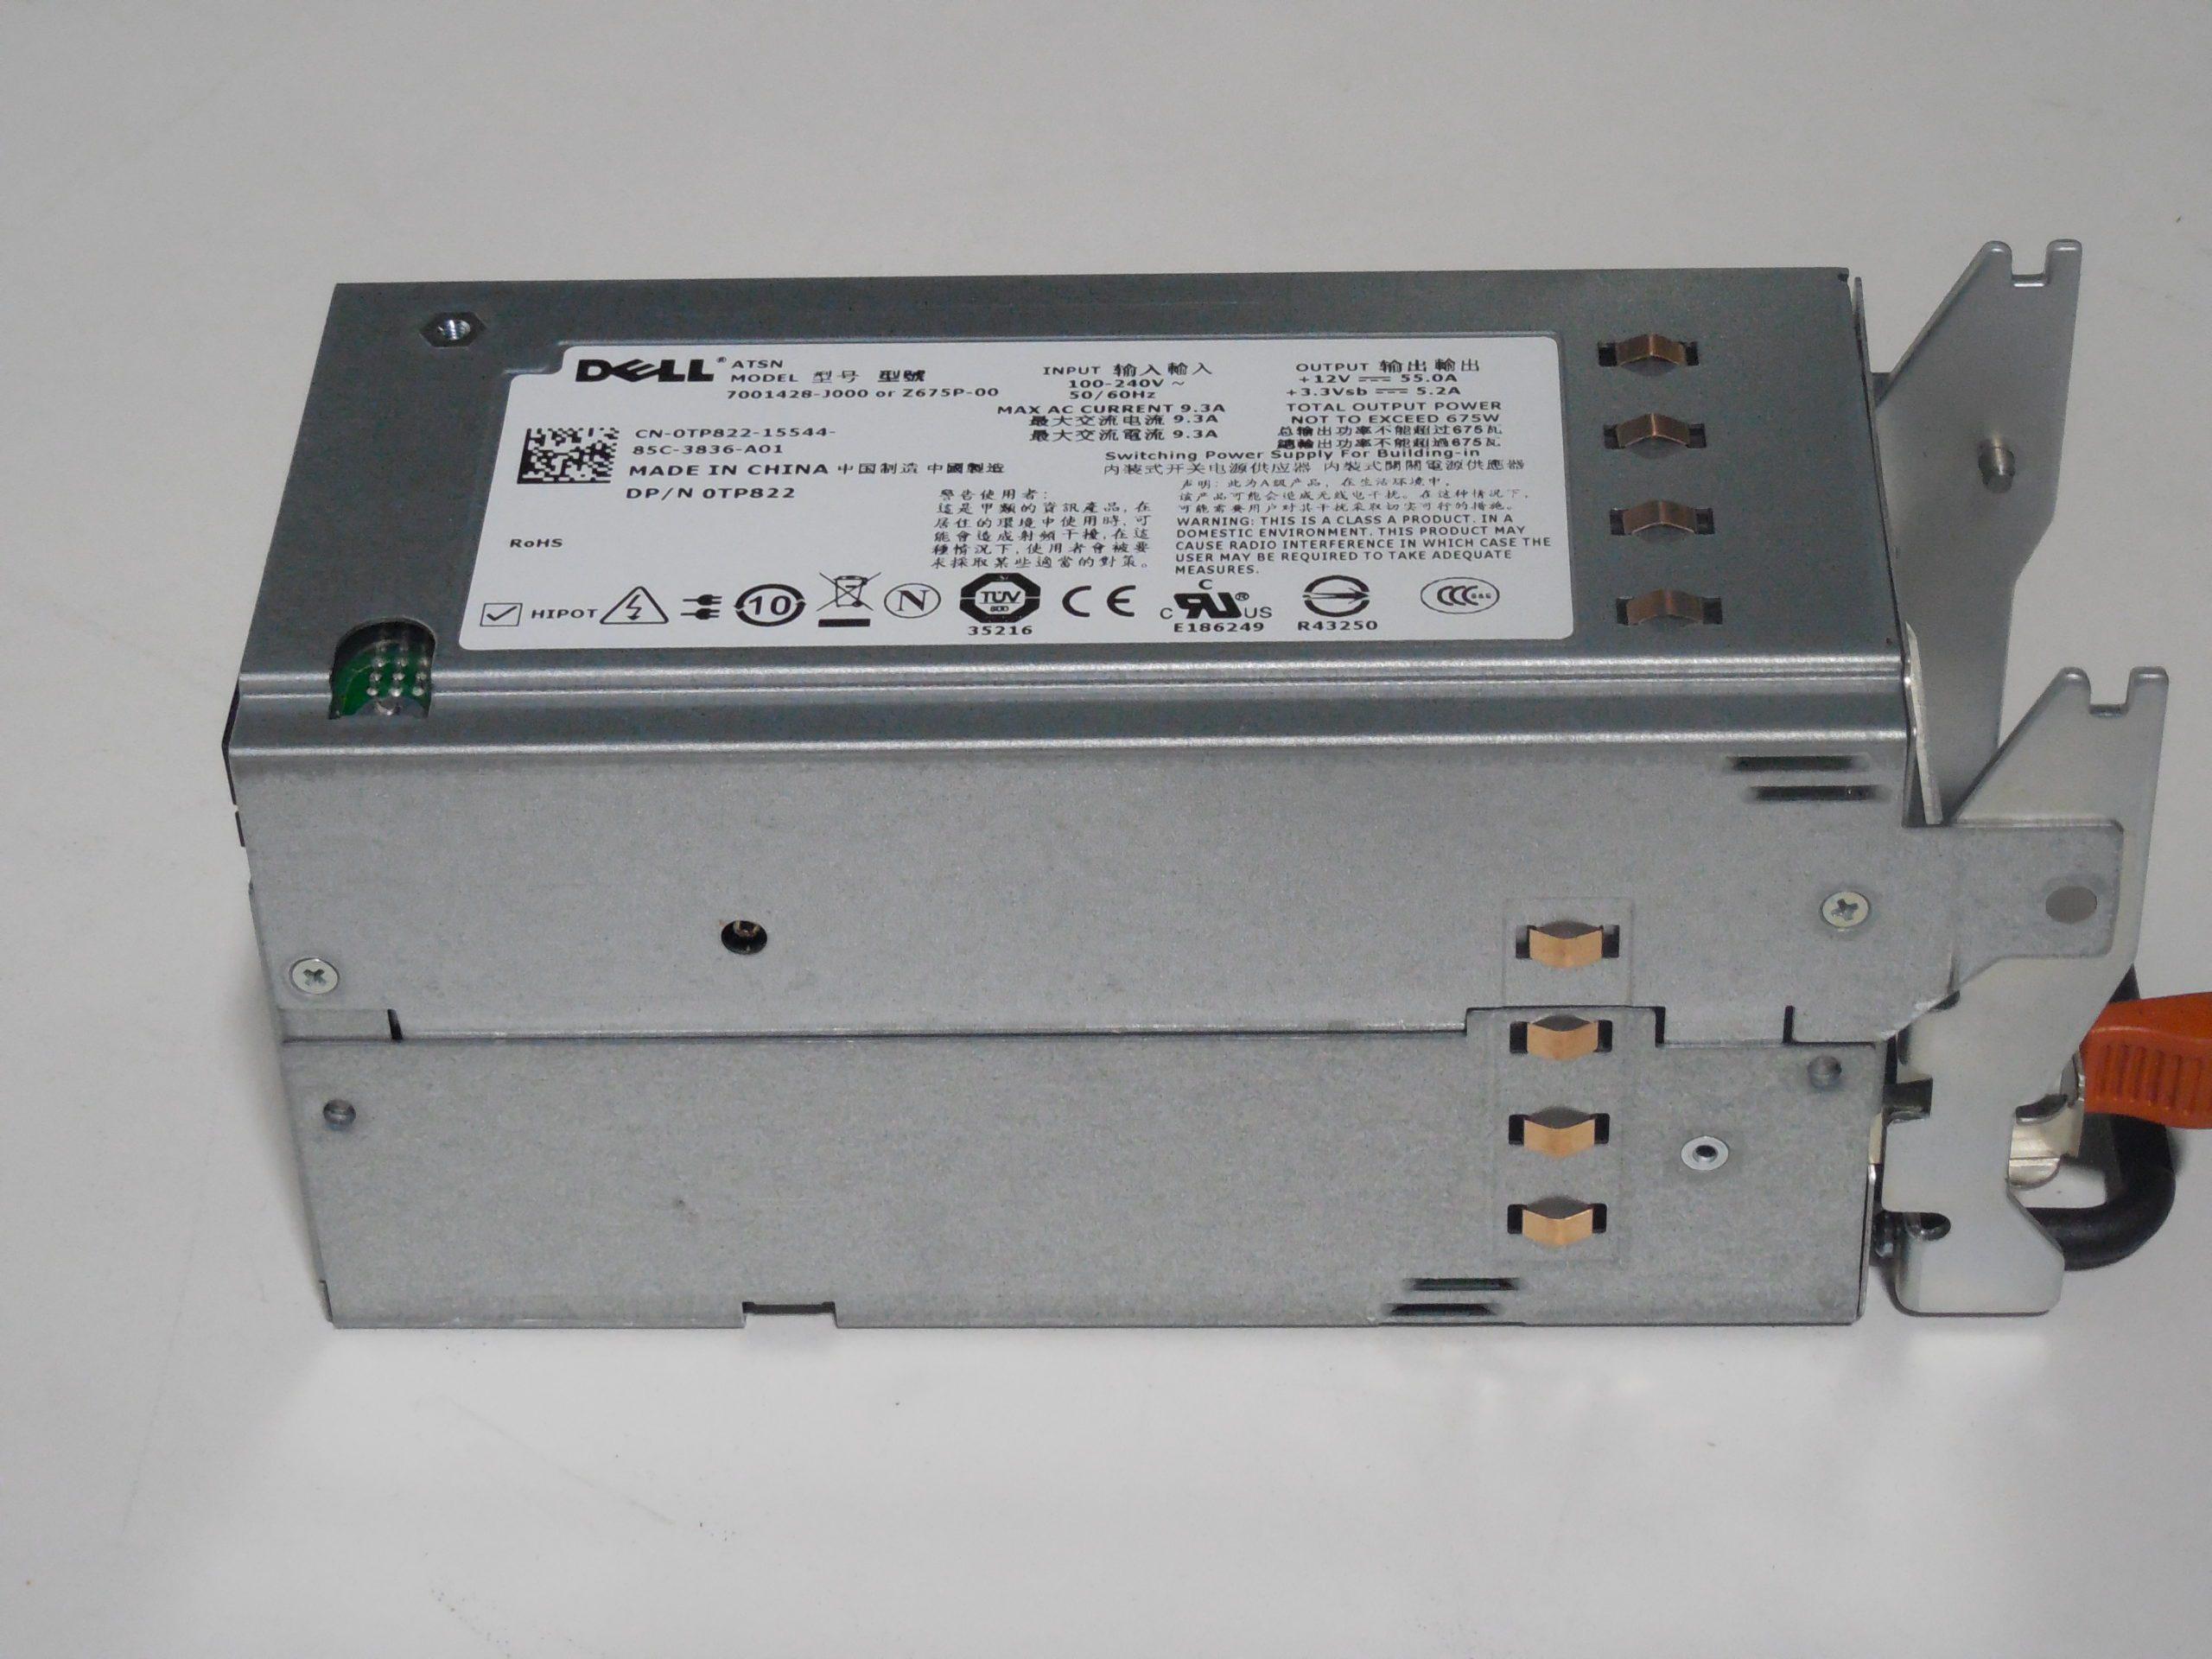 DELL TP822 – 675 WATT REDUNDANT POWER SUPPLY FOR POWEREDGE ...  DELL TP822 – ...